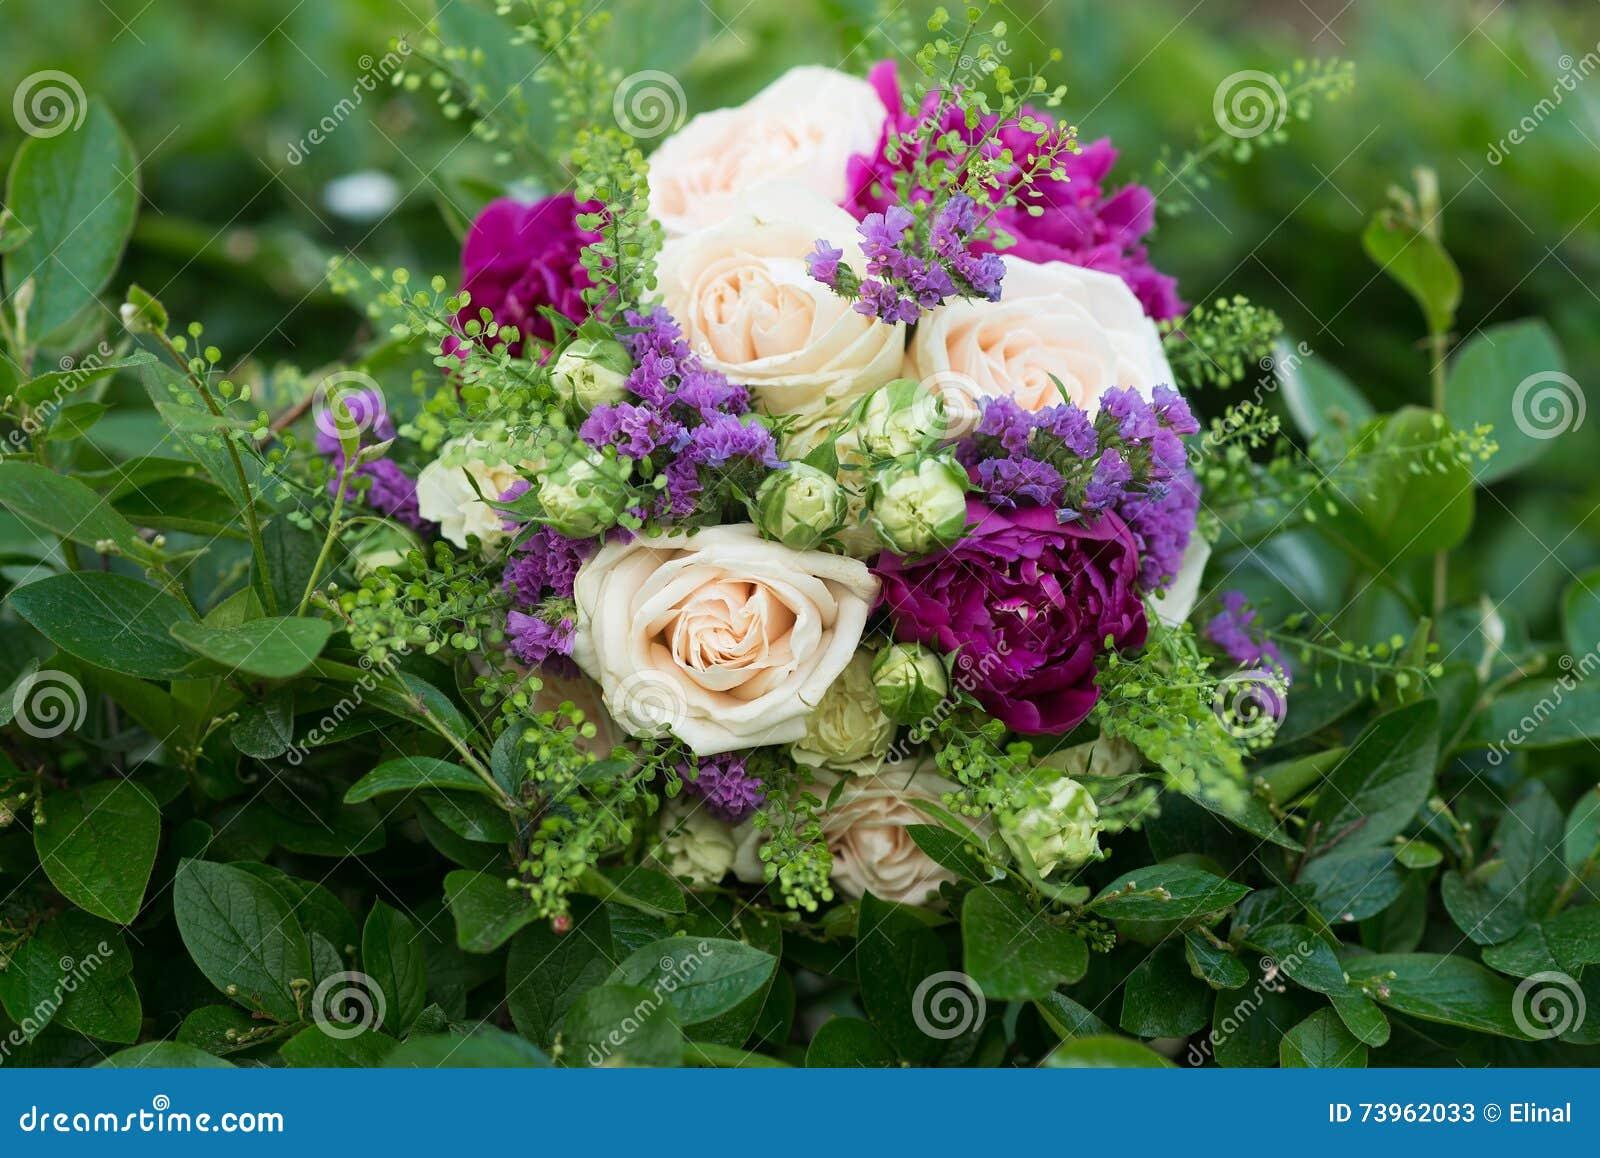 bouquet de mariage avec les fleurs blanches et violettes roses pivoine image stock image. Black Bedroom Furniture Sets. Home Design Ideas